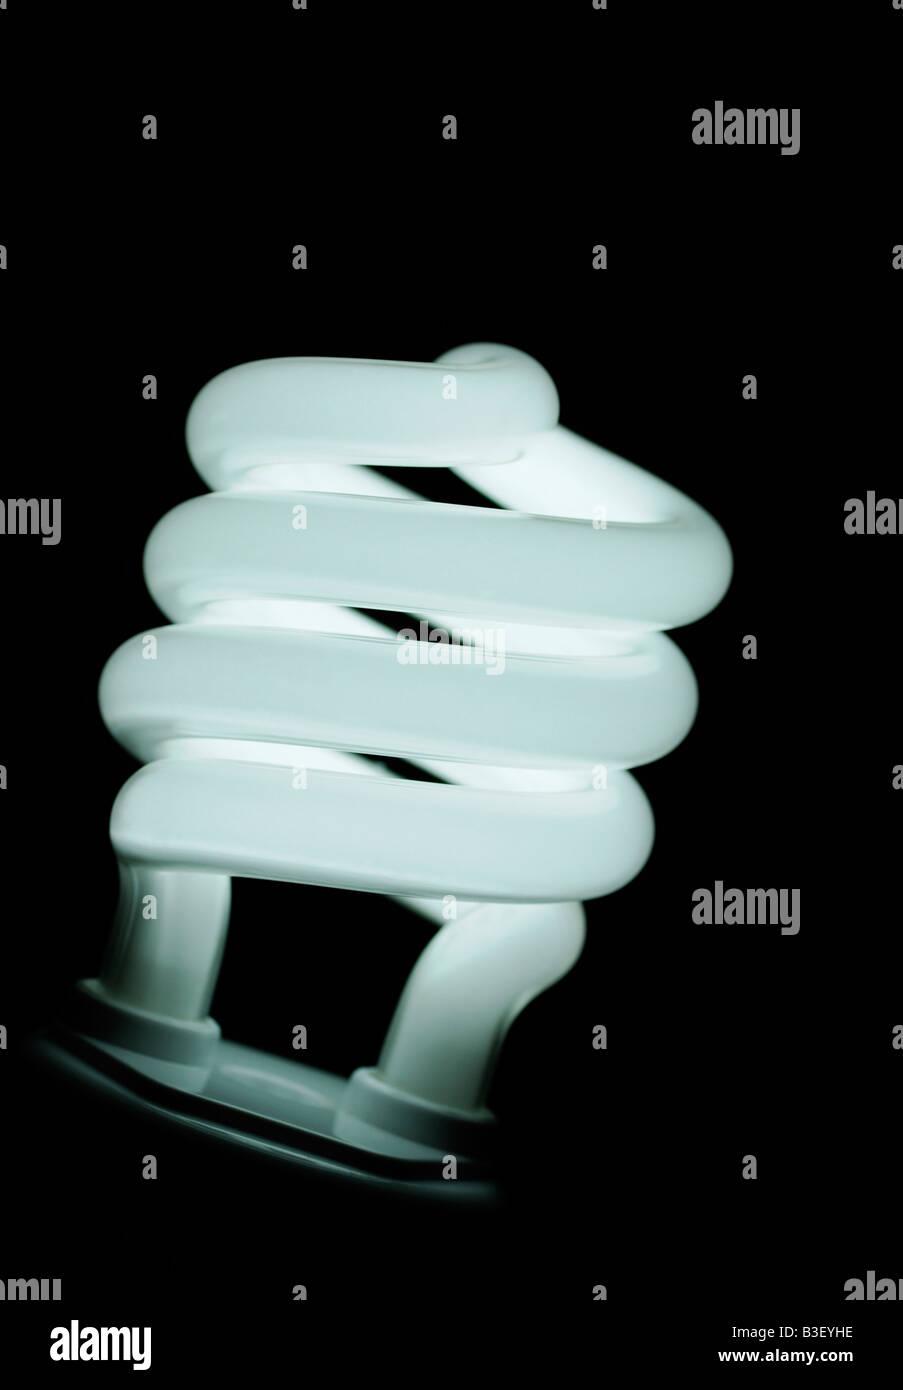 Energiesparende kompakte Leuchtstoff Glühlampe Nahaufnahme eine umweltfreundliche Alternative zu herkömmlichen Stockbild